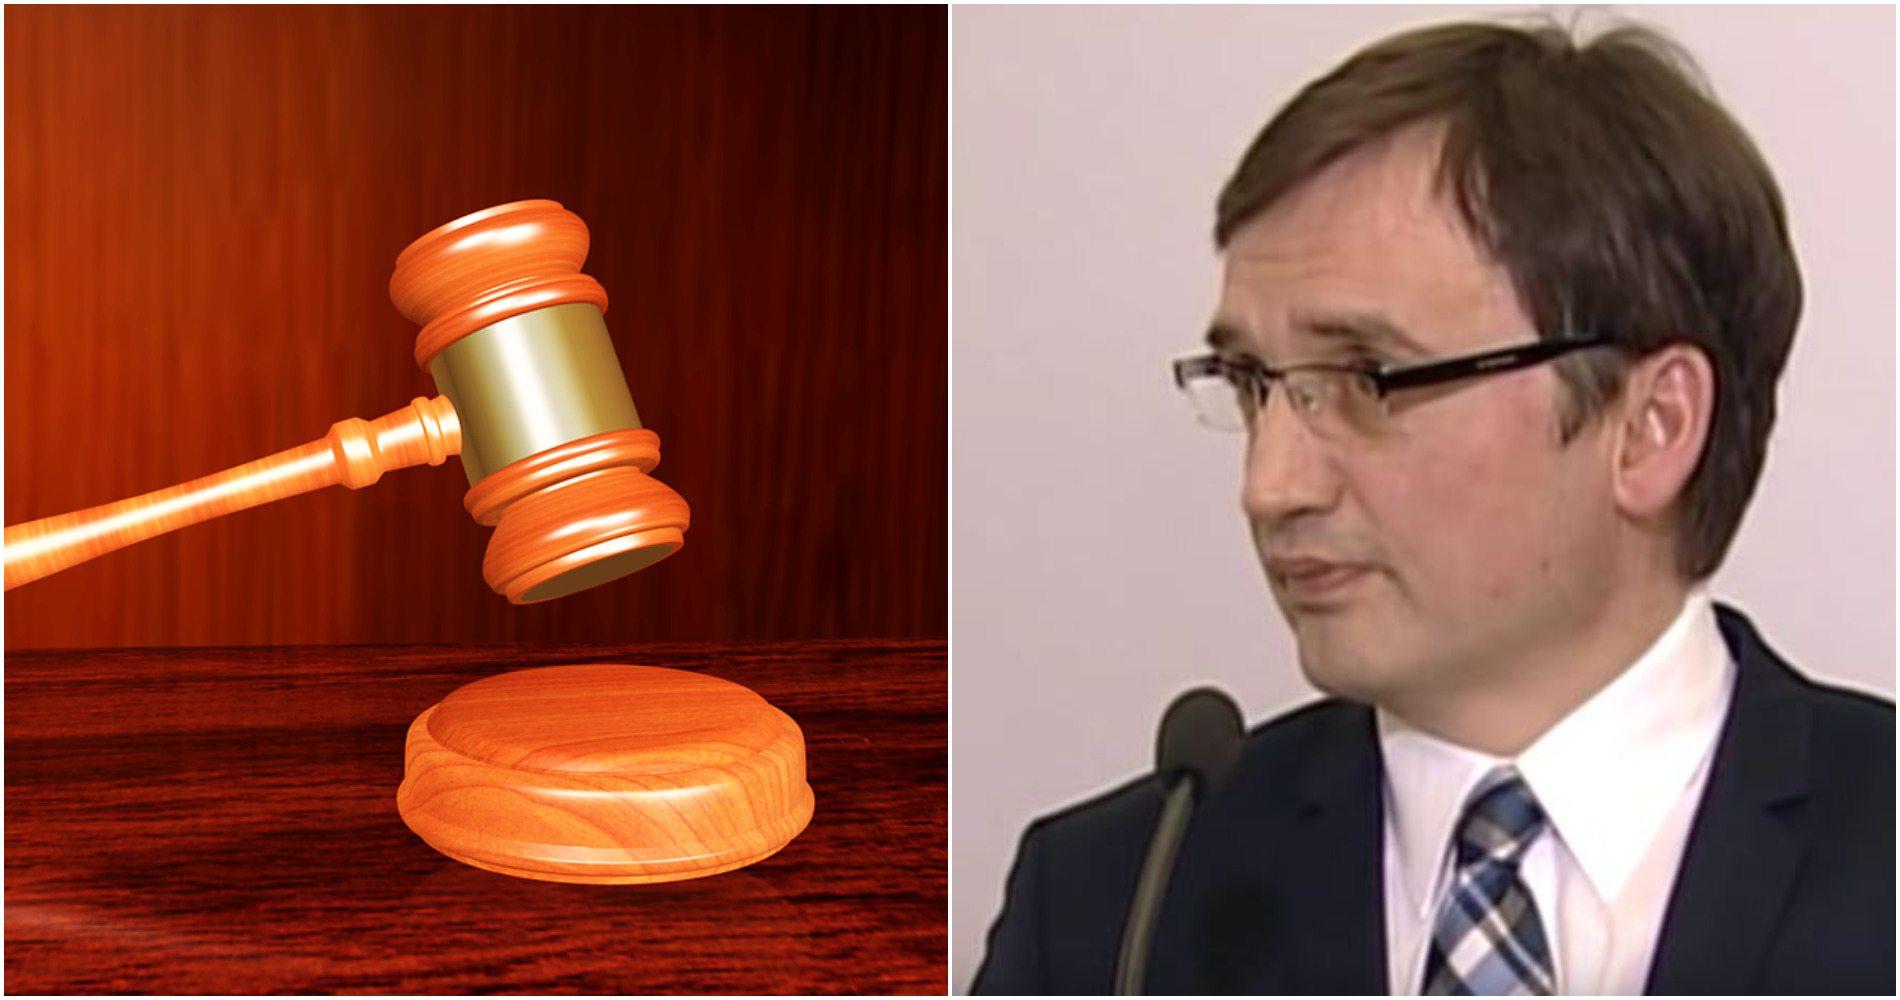 Reforma sądownictwa Ziobry skrytykowana w Europie. Minister zarzuca brak profejsonalizmu